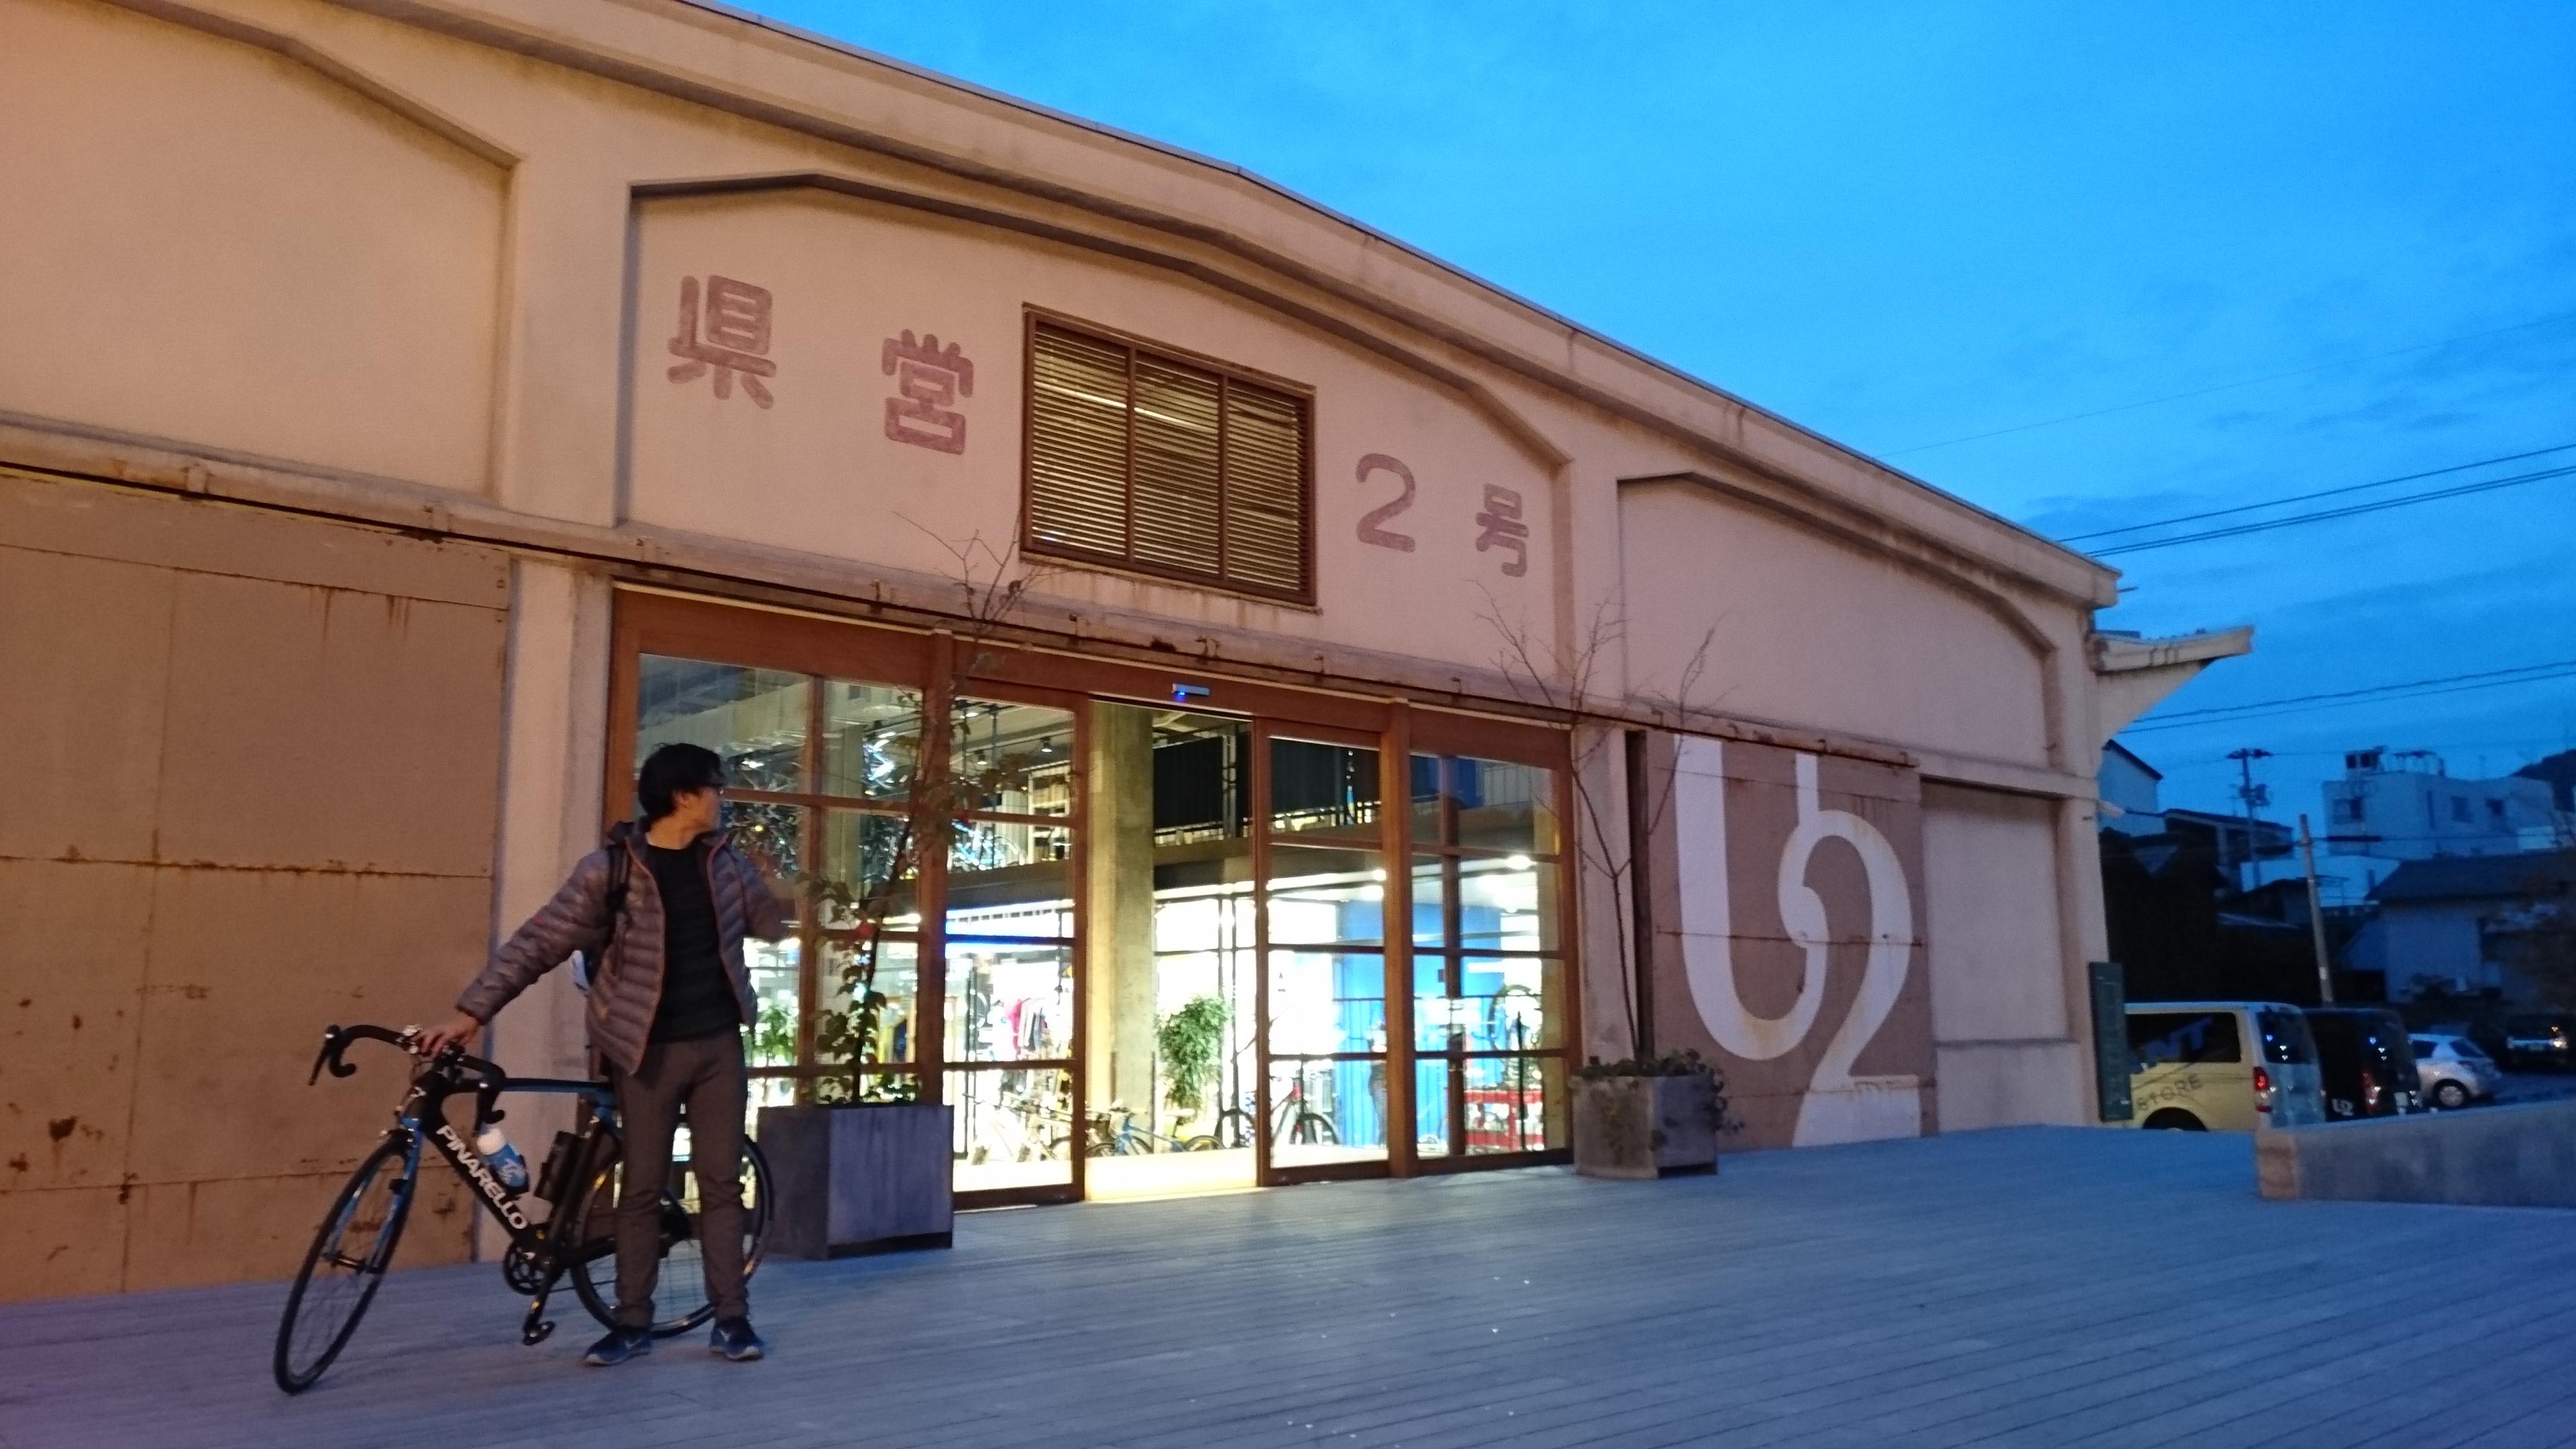 しまなみ海道の自転車ホテル ONOMICHI U2@尾道 [Route04-01]